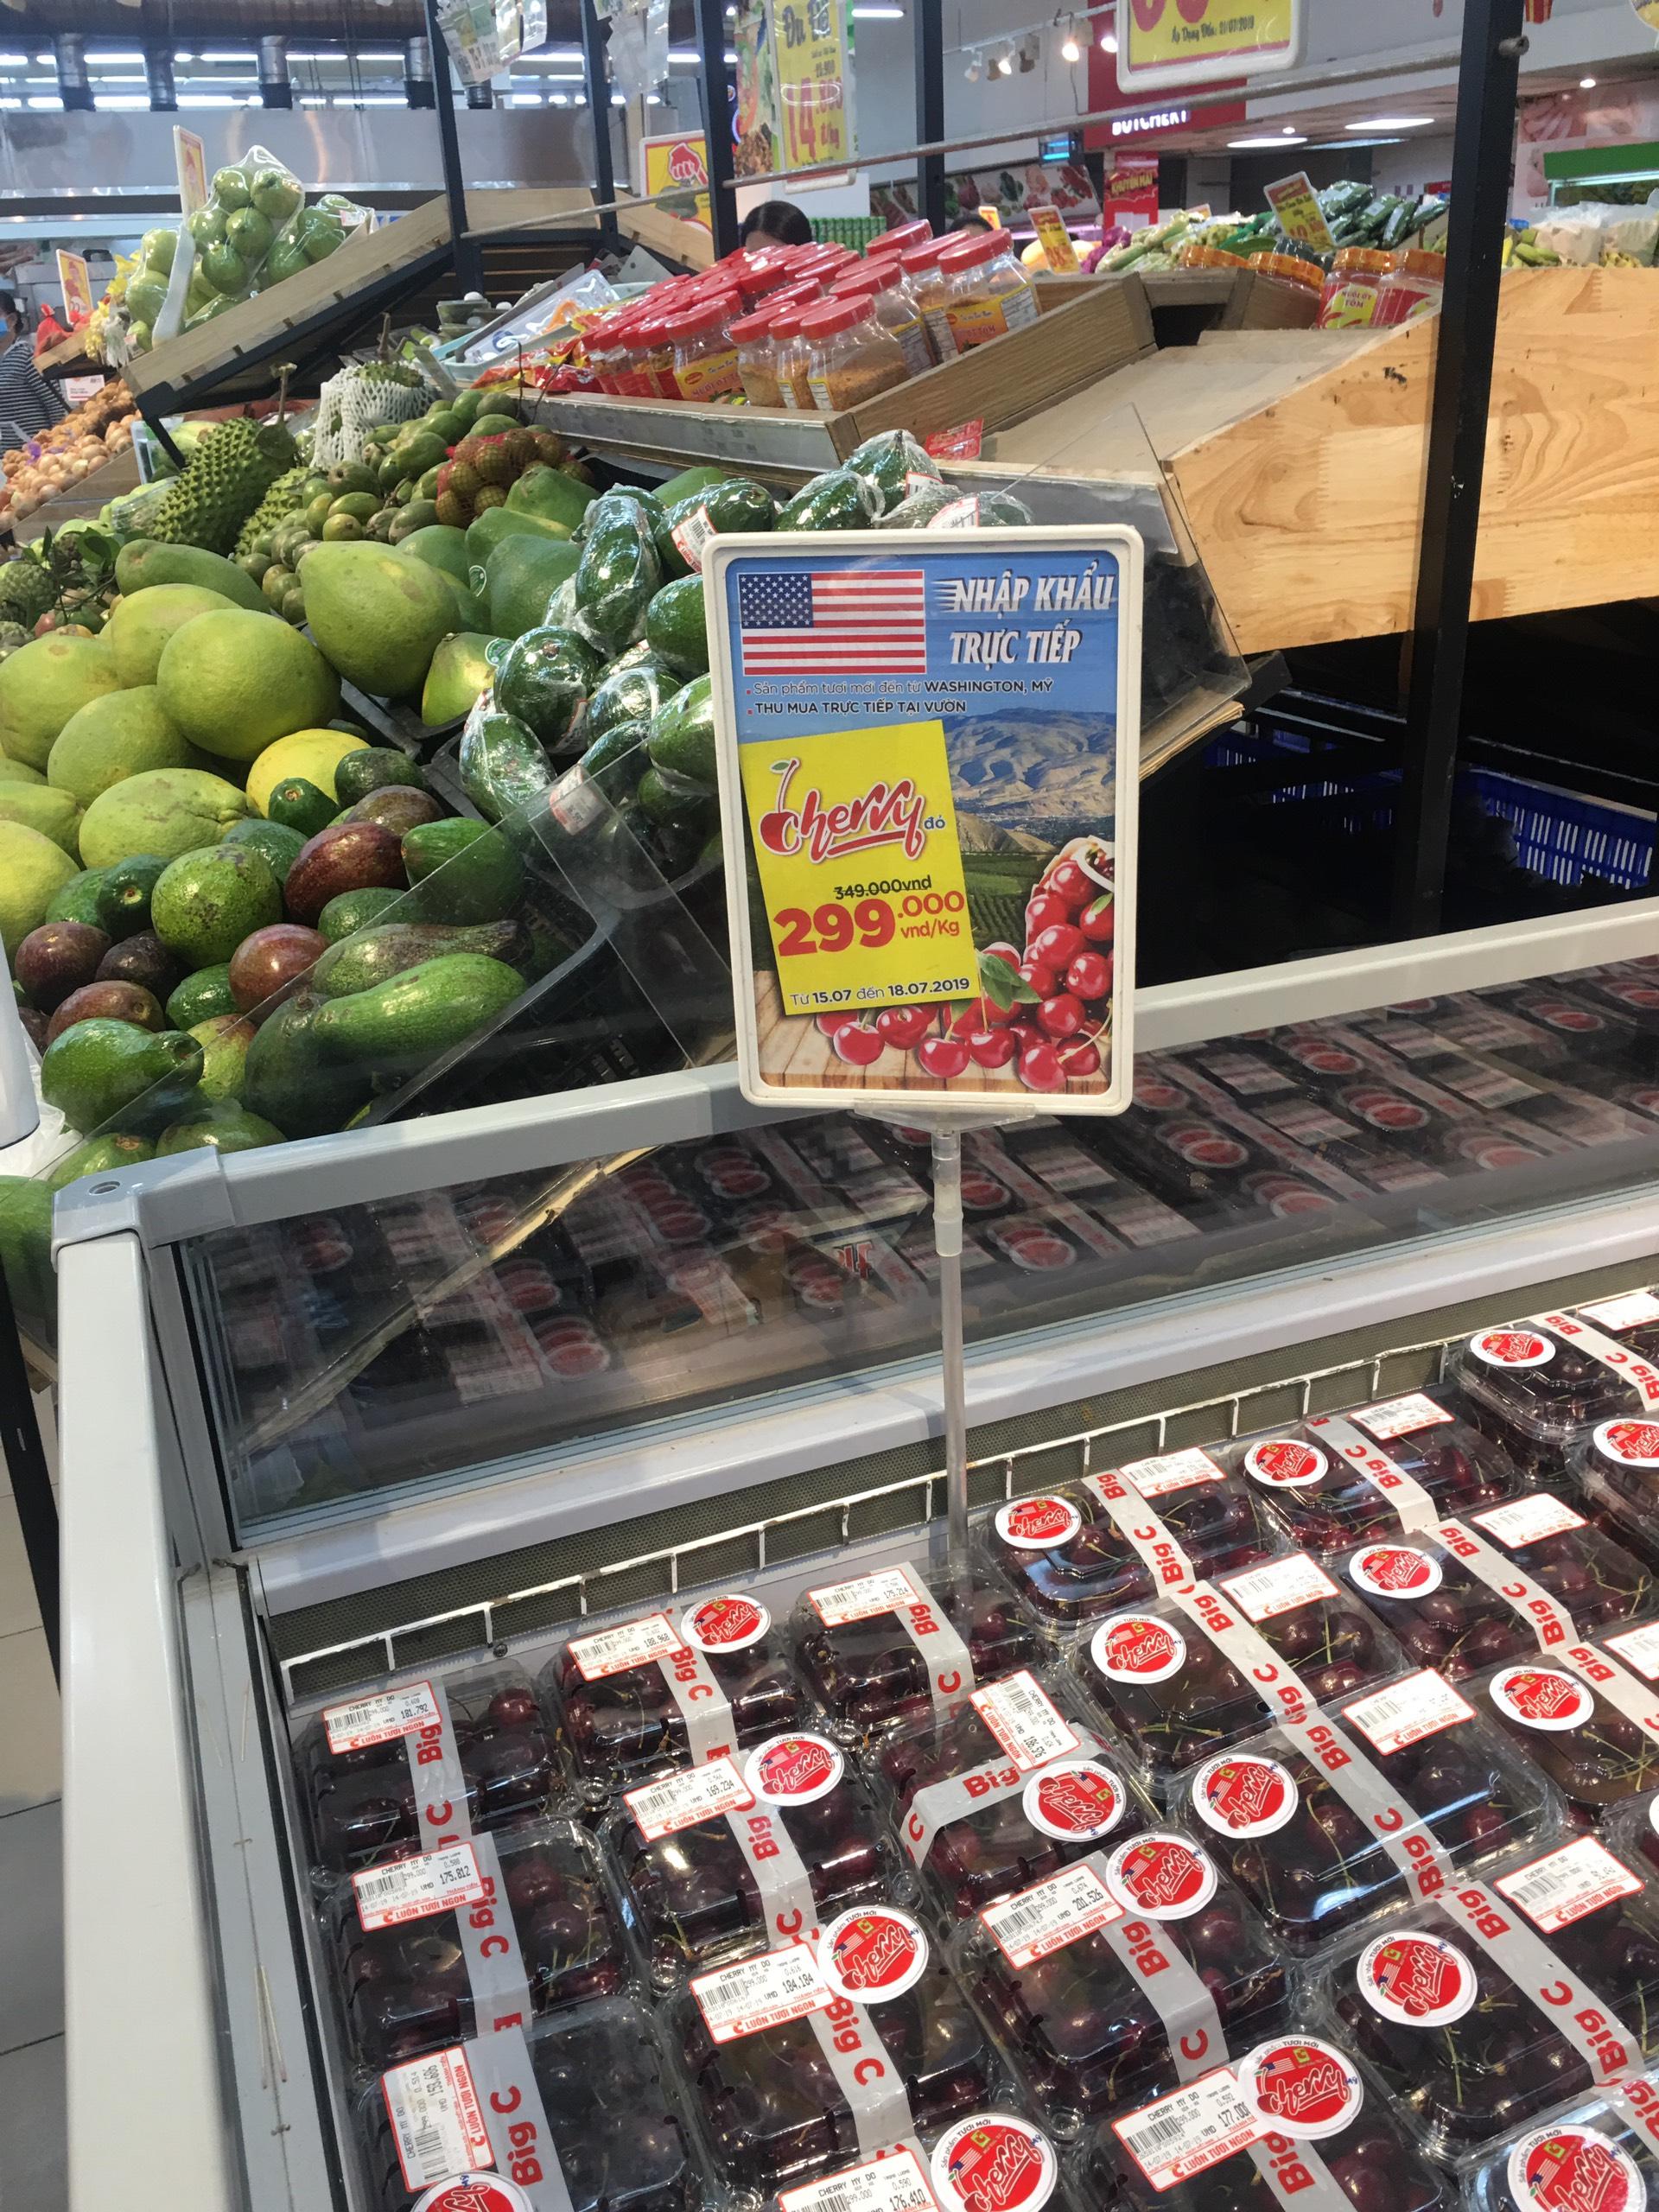 Đối với giá 299 ngàn đồng/kg, cherry tại Big C chỉ được bán giảm giá chỉ trong 4 ngày từ ngày 15.7-18.7 . Ảnh: PV